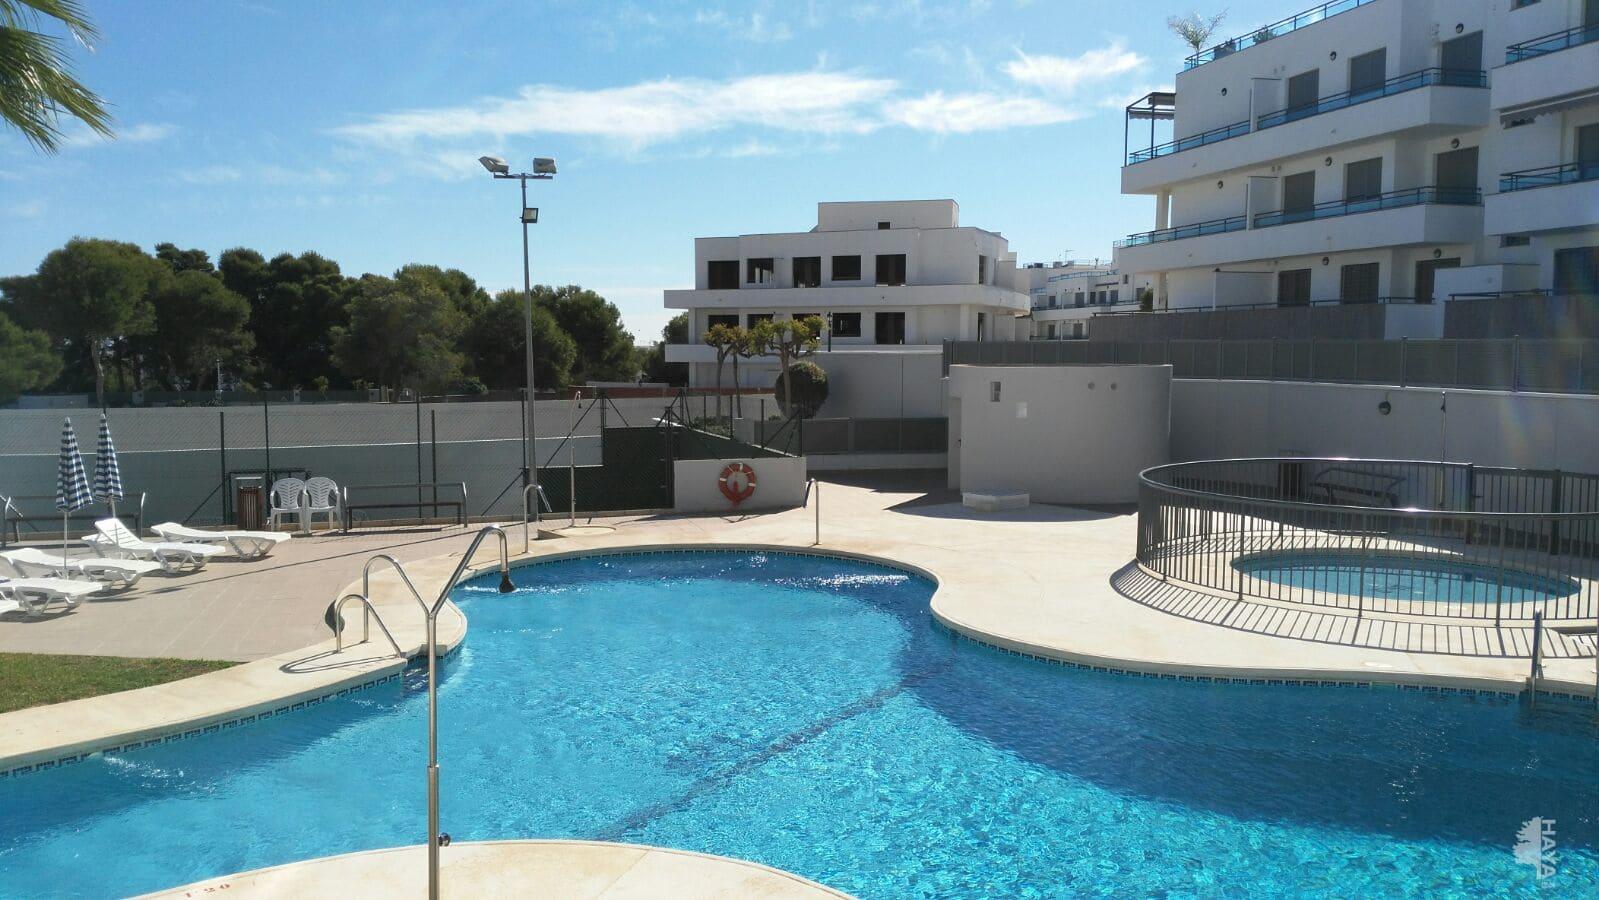 Piso en venta en Garrucha, Almería, Calle Murillo (pinar de Garrucha), D, 115.000 €, 2 habitaciones, 2 baños, 76 m2